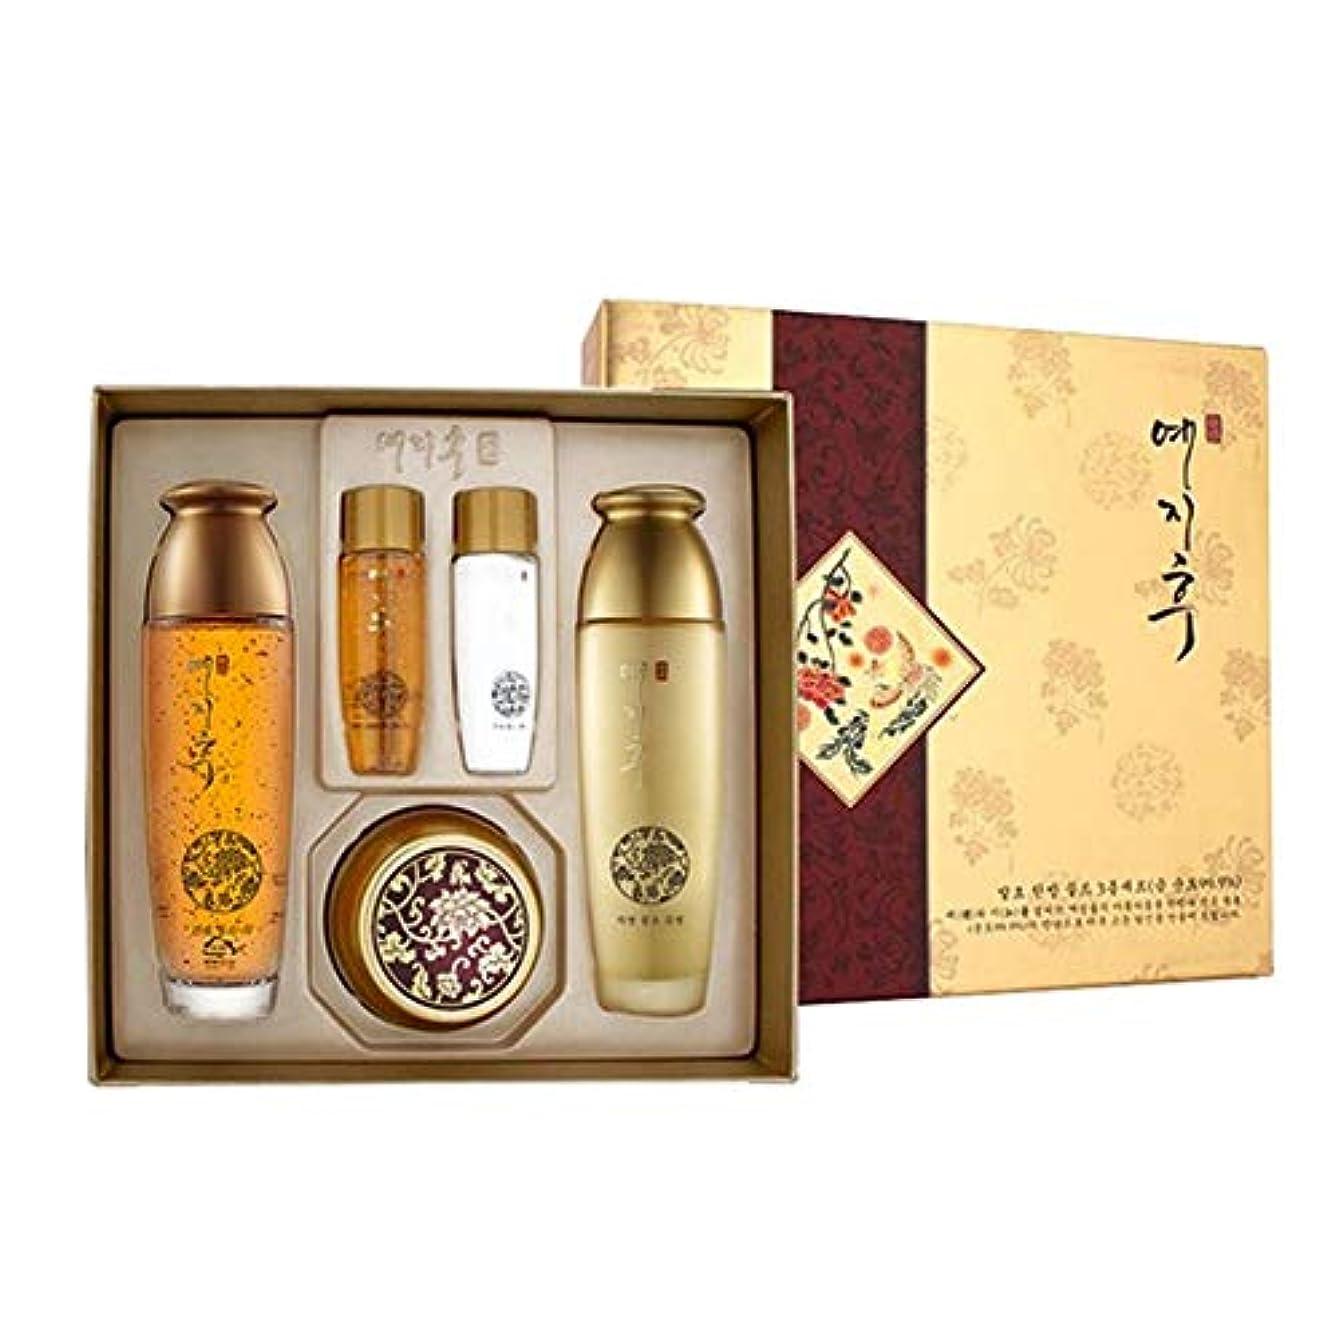 マニアックうがい環境に優しいイェジフ漢方ゴールド3種セットゴールド水180ml(150+30) ゴールド乳液180ml(150+30) ゴールド栄養クリーム50ml、Yezihu 3 Sets of Herbal Gold Cosmetics [並行輸入品]